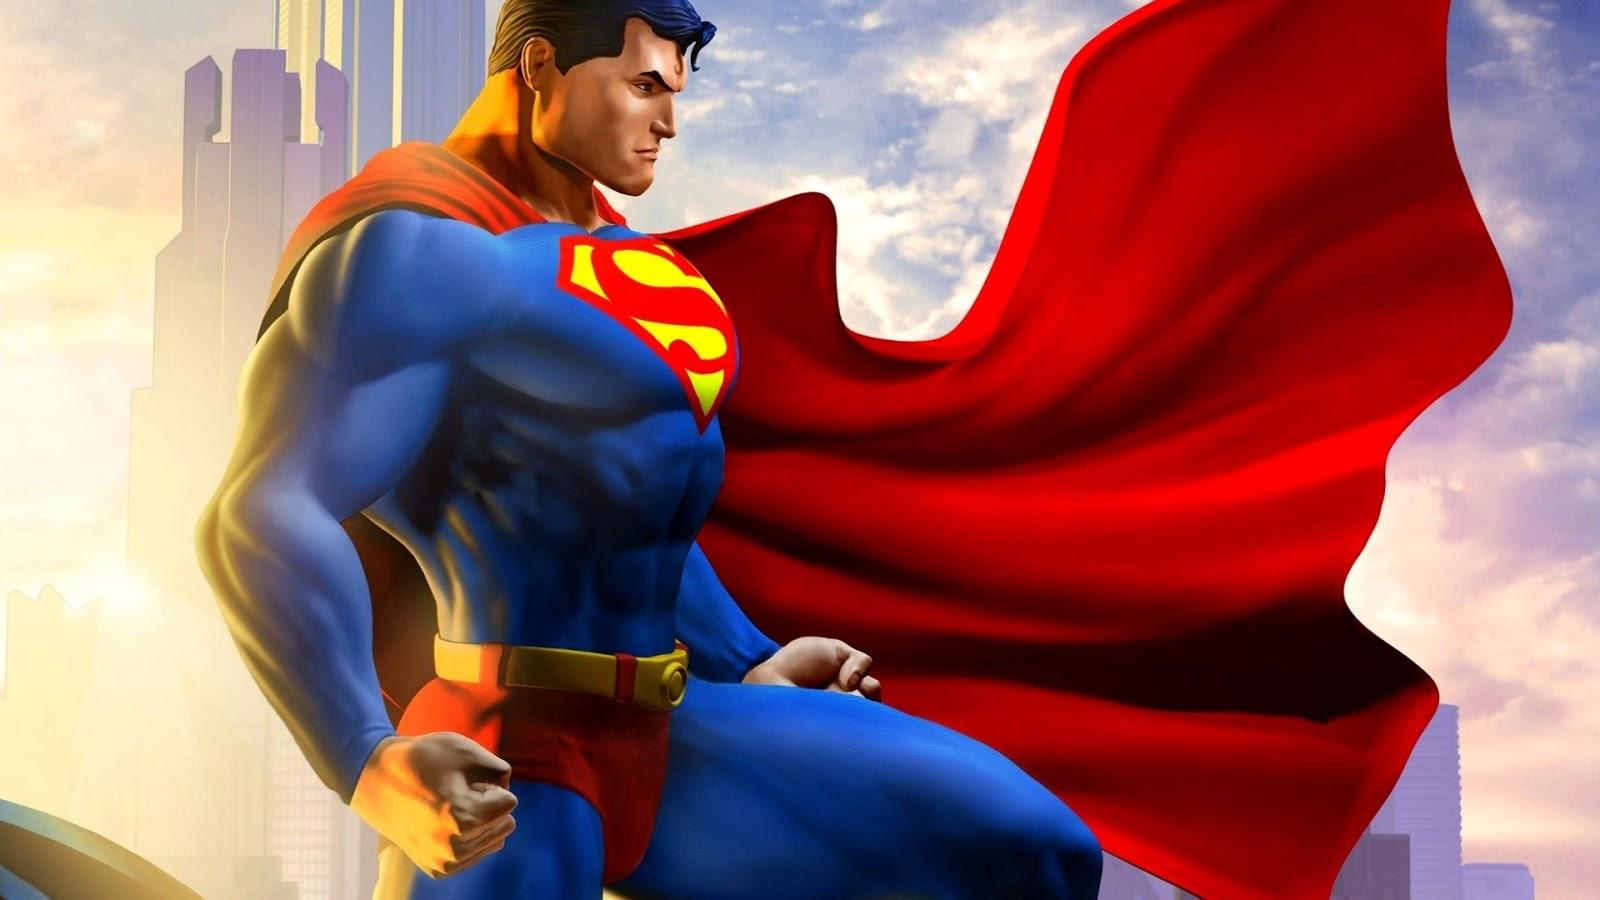 Igor11 Comics: Games of Superman | SuperMan Games Free Download |  Igor11Comics